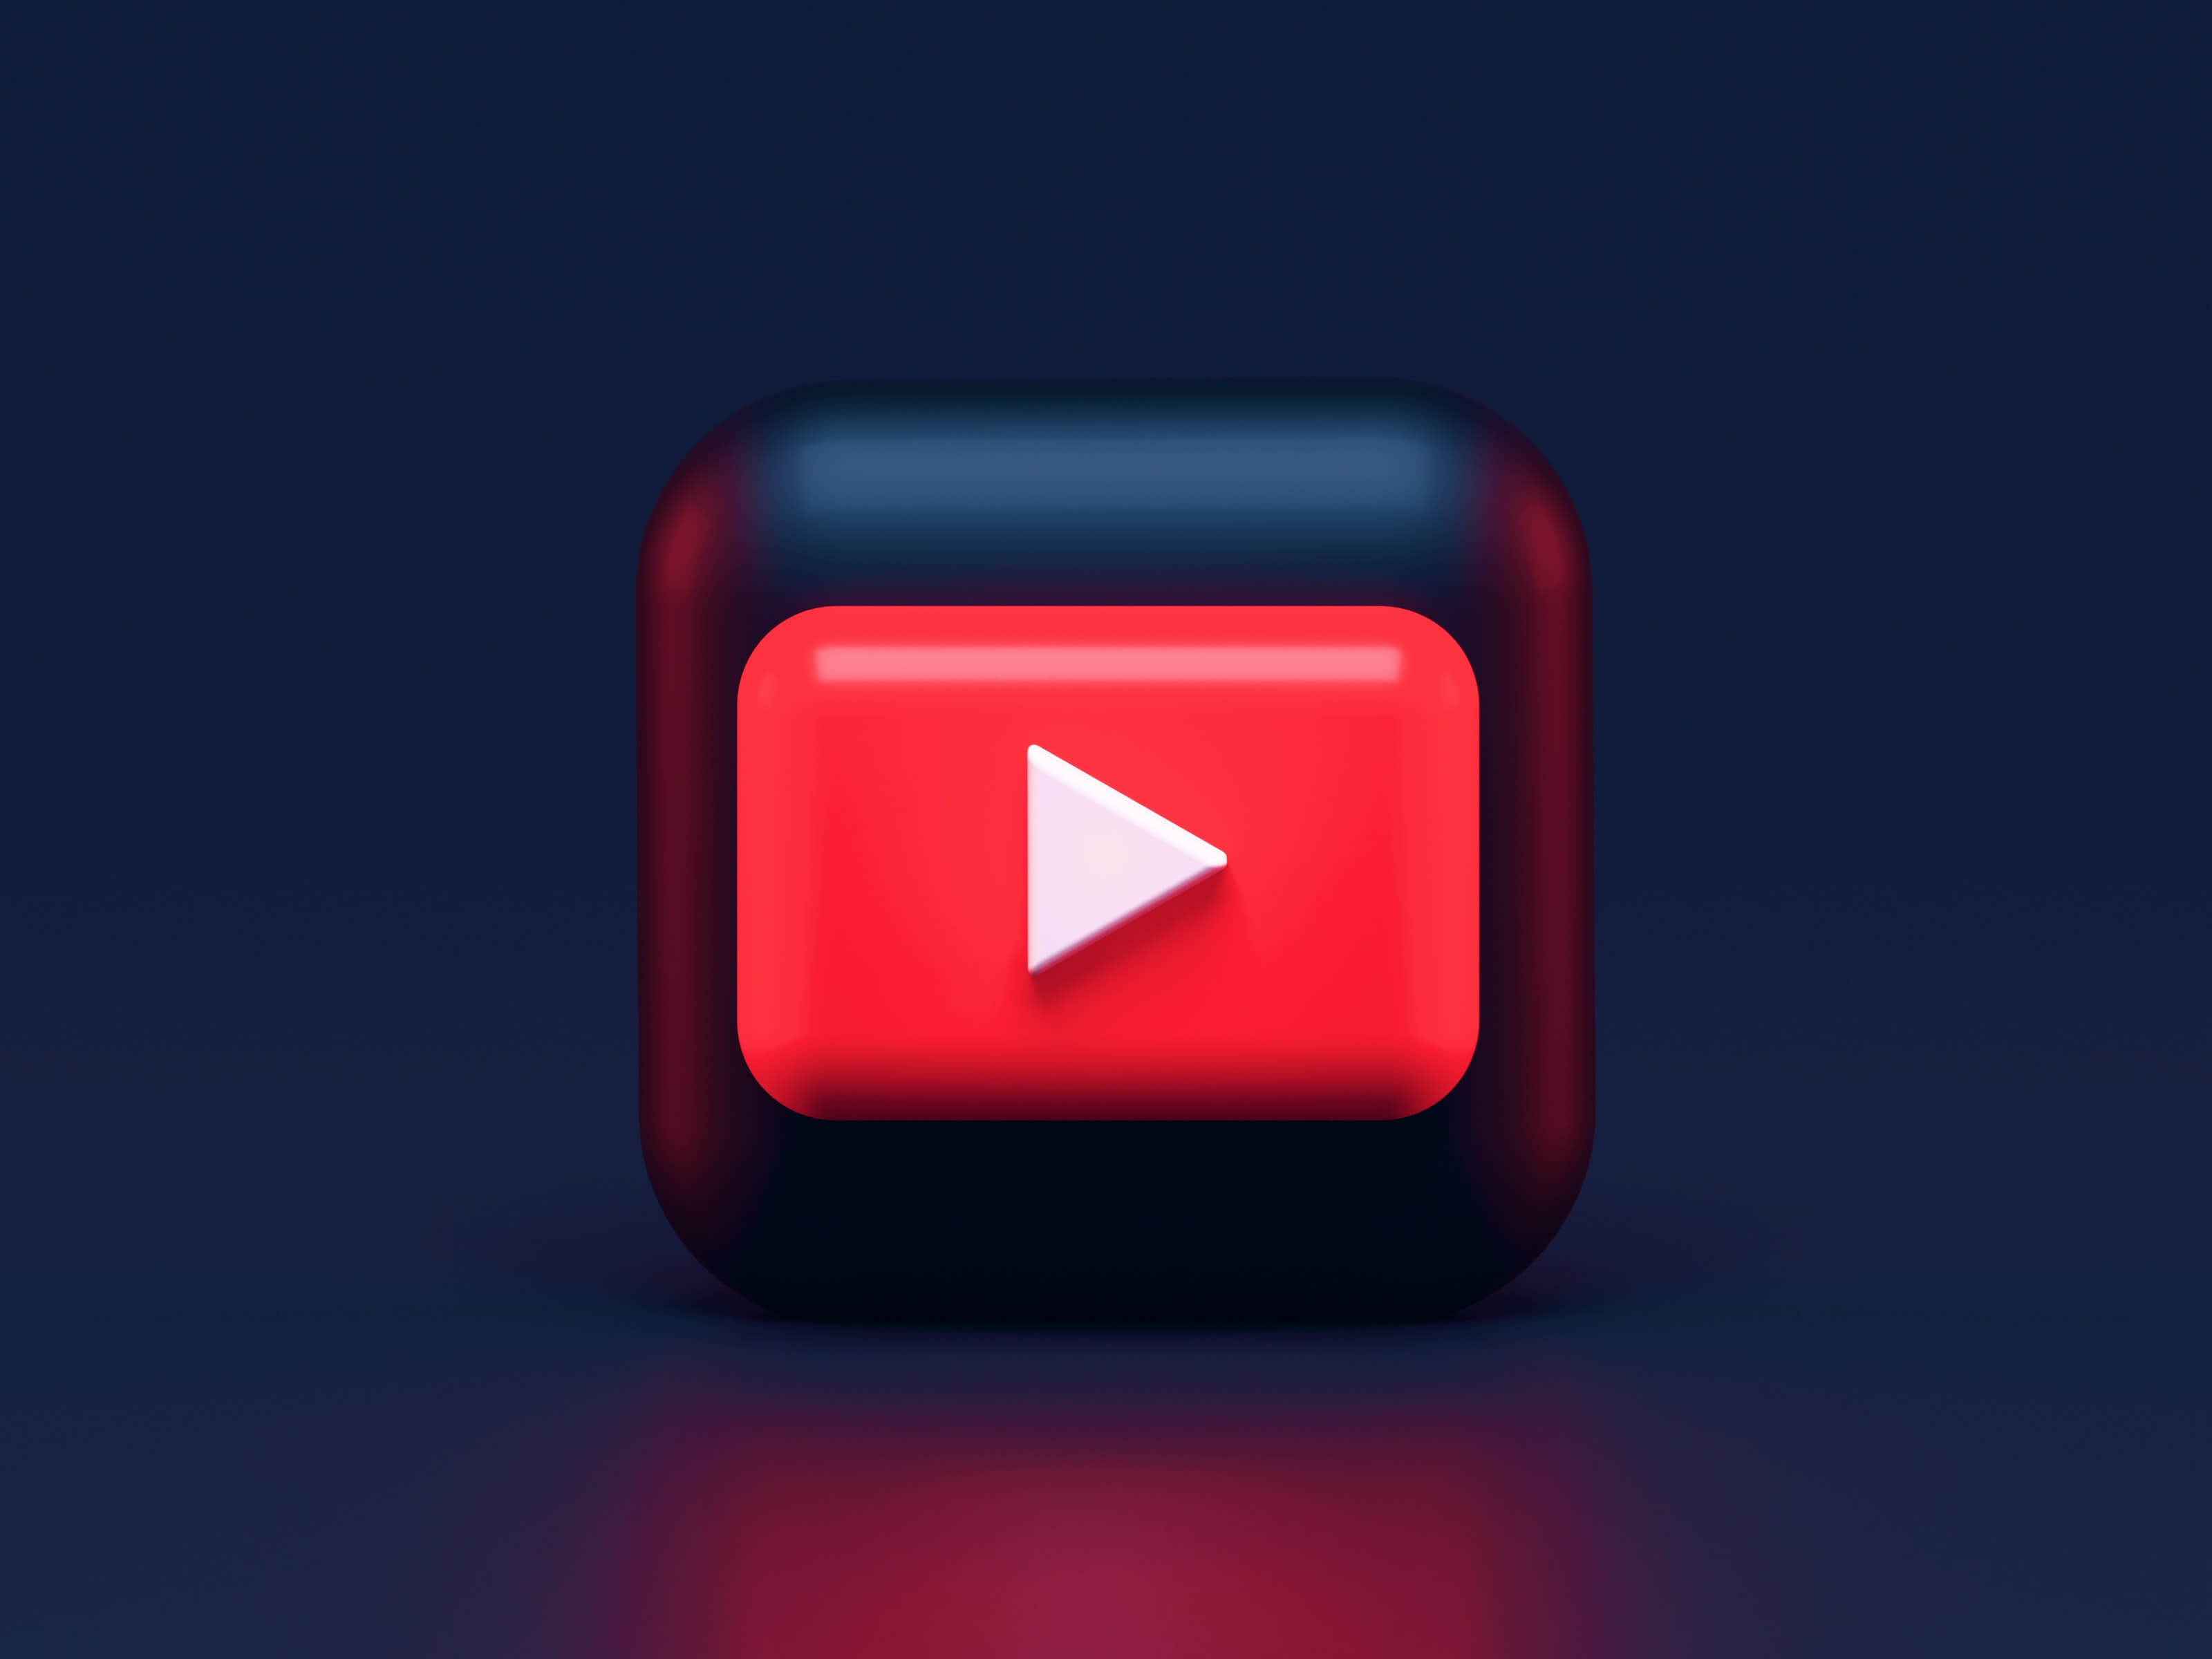 Секреты успеха видеорекламы:  7 проверенных типов видеороликов, которые в разы увеличивают выручку в e-commerce